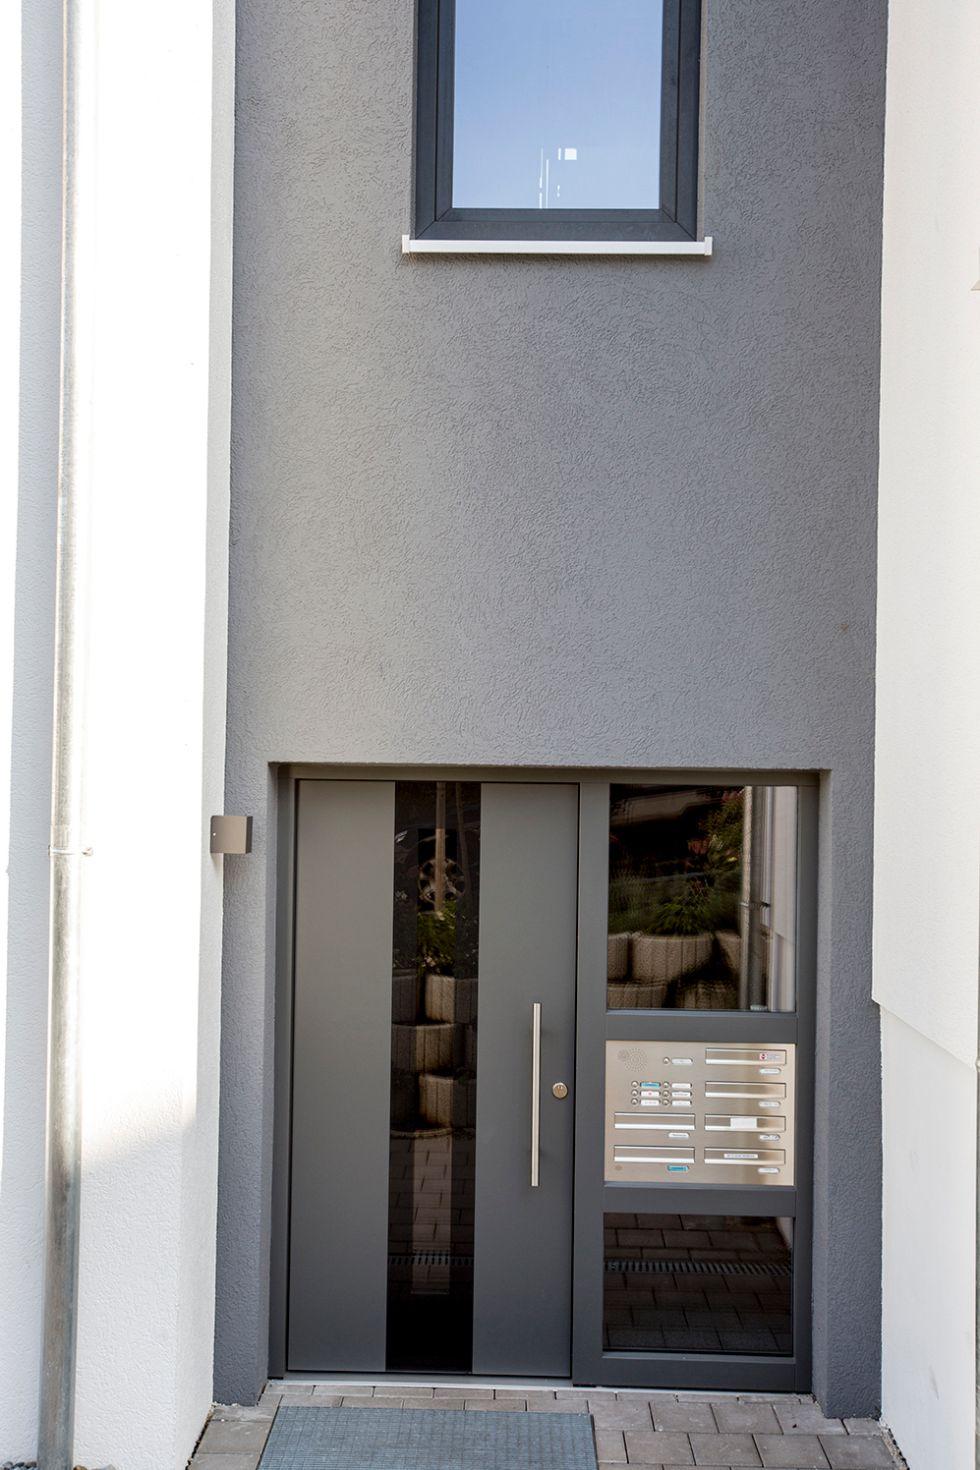 Haustüre mit integrierten Postkasten